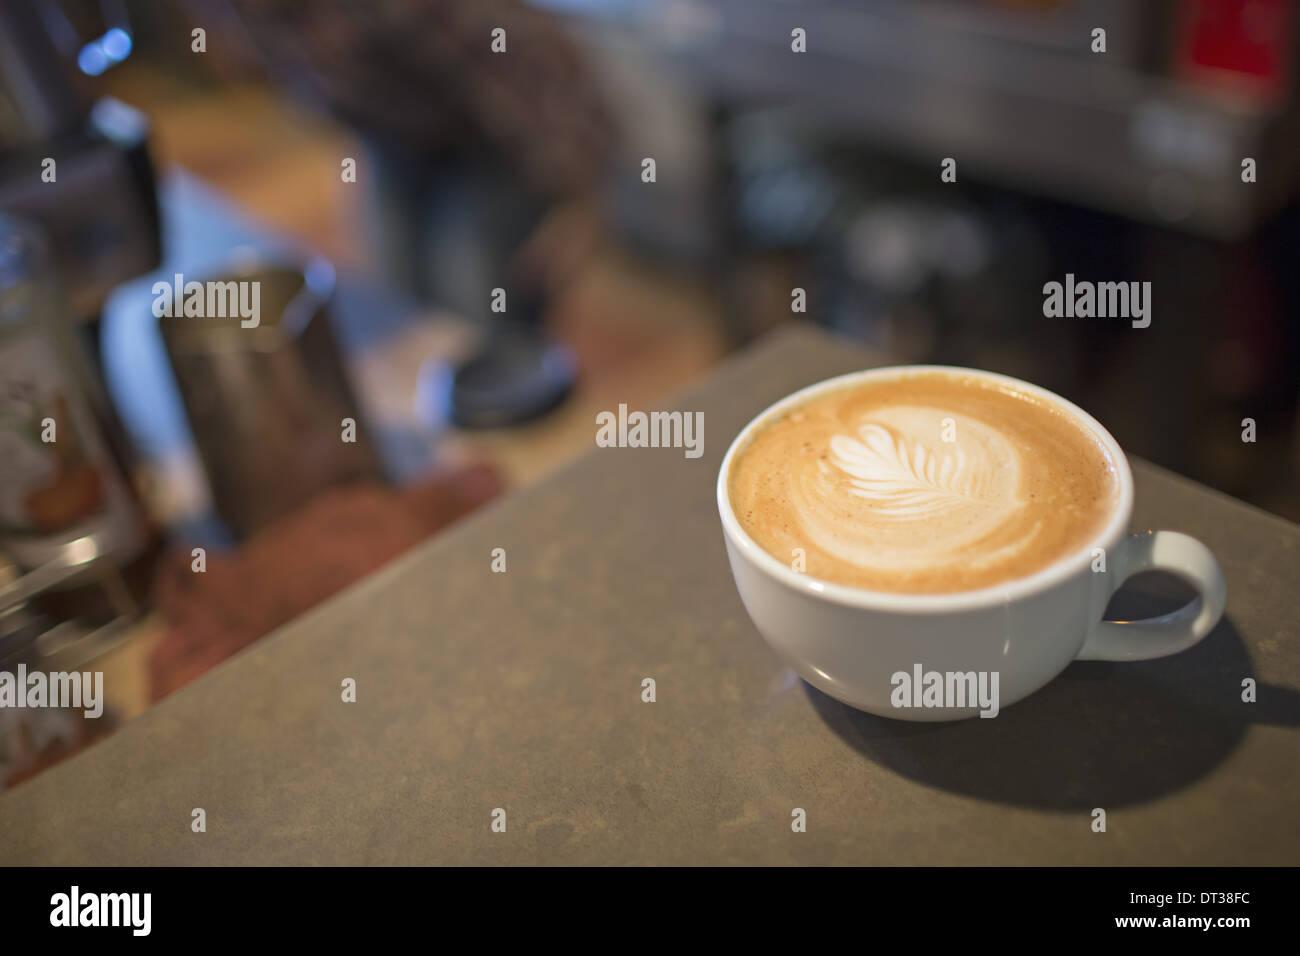 Table de café. D'un blanc chine tasse de café avec un haut de la mousse de lait. Photo Stock